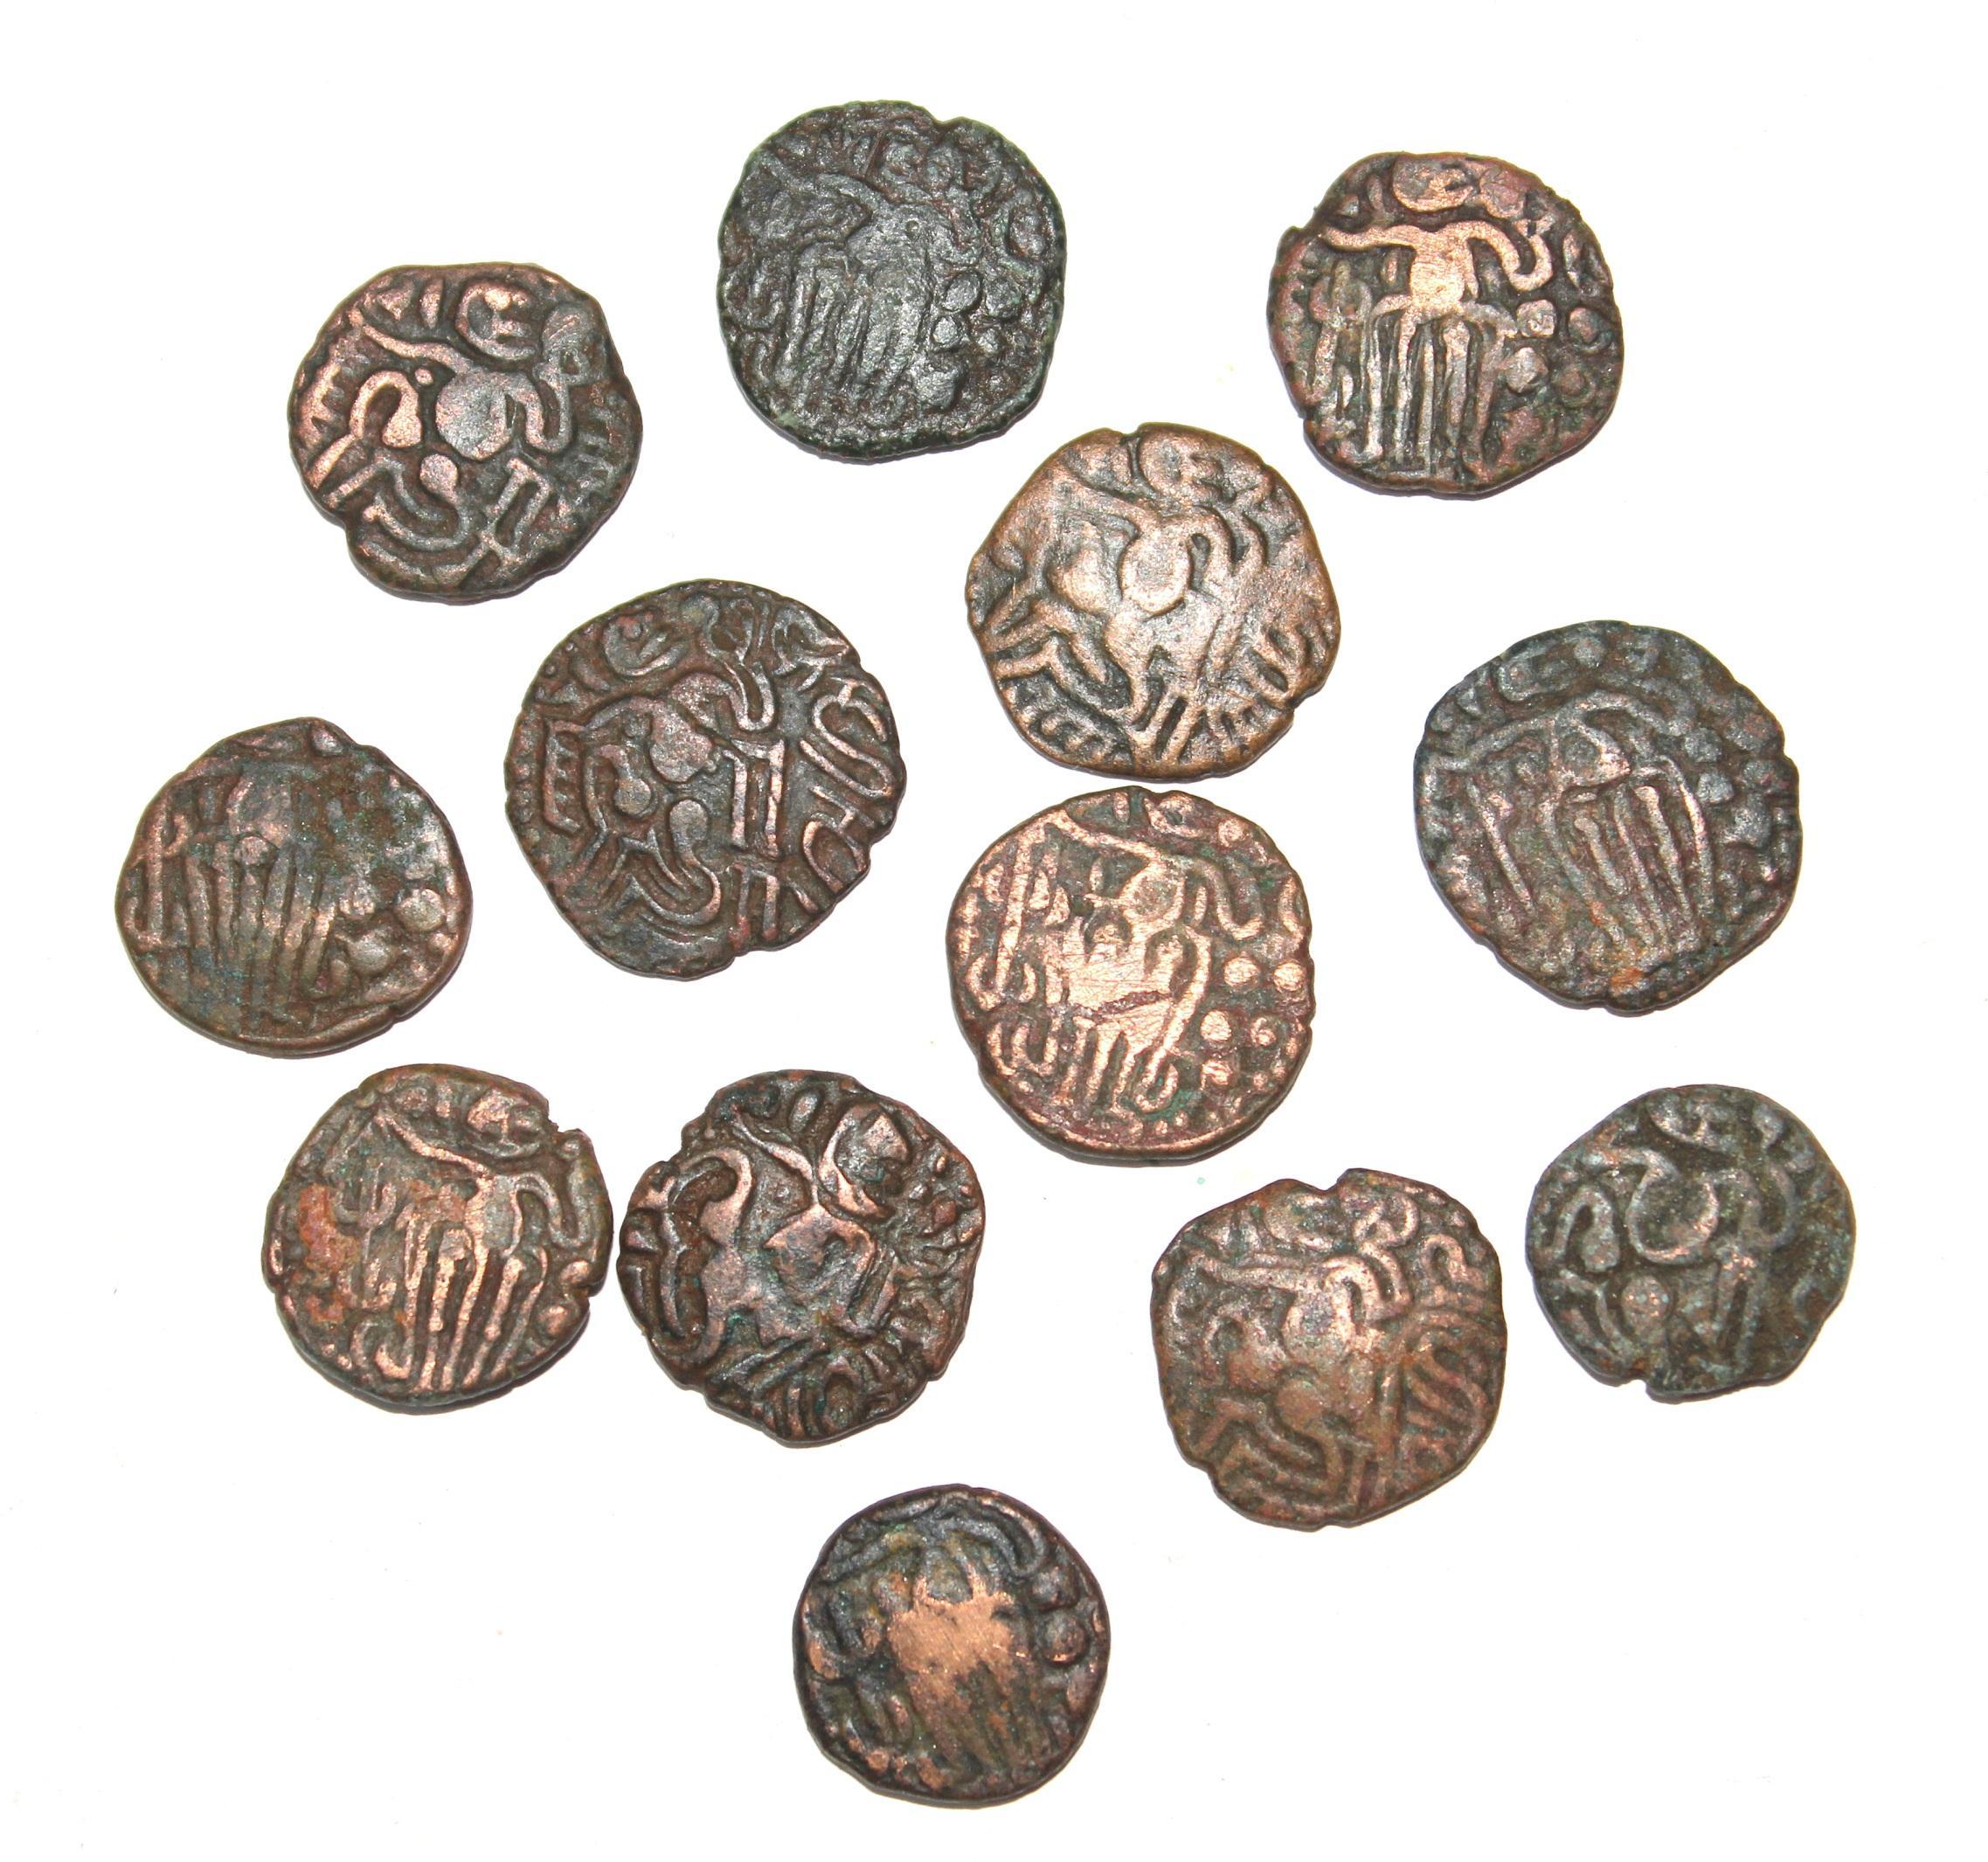 திருப்புல்லாணி அருகே கண்டெடுக்கப்பட்ட ஈழக்காசுகள்